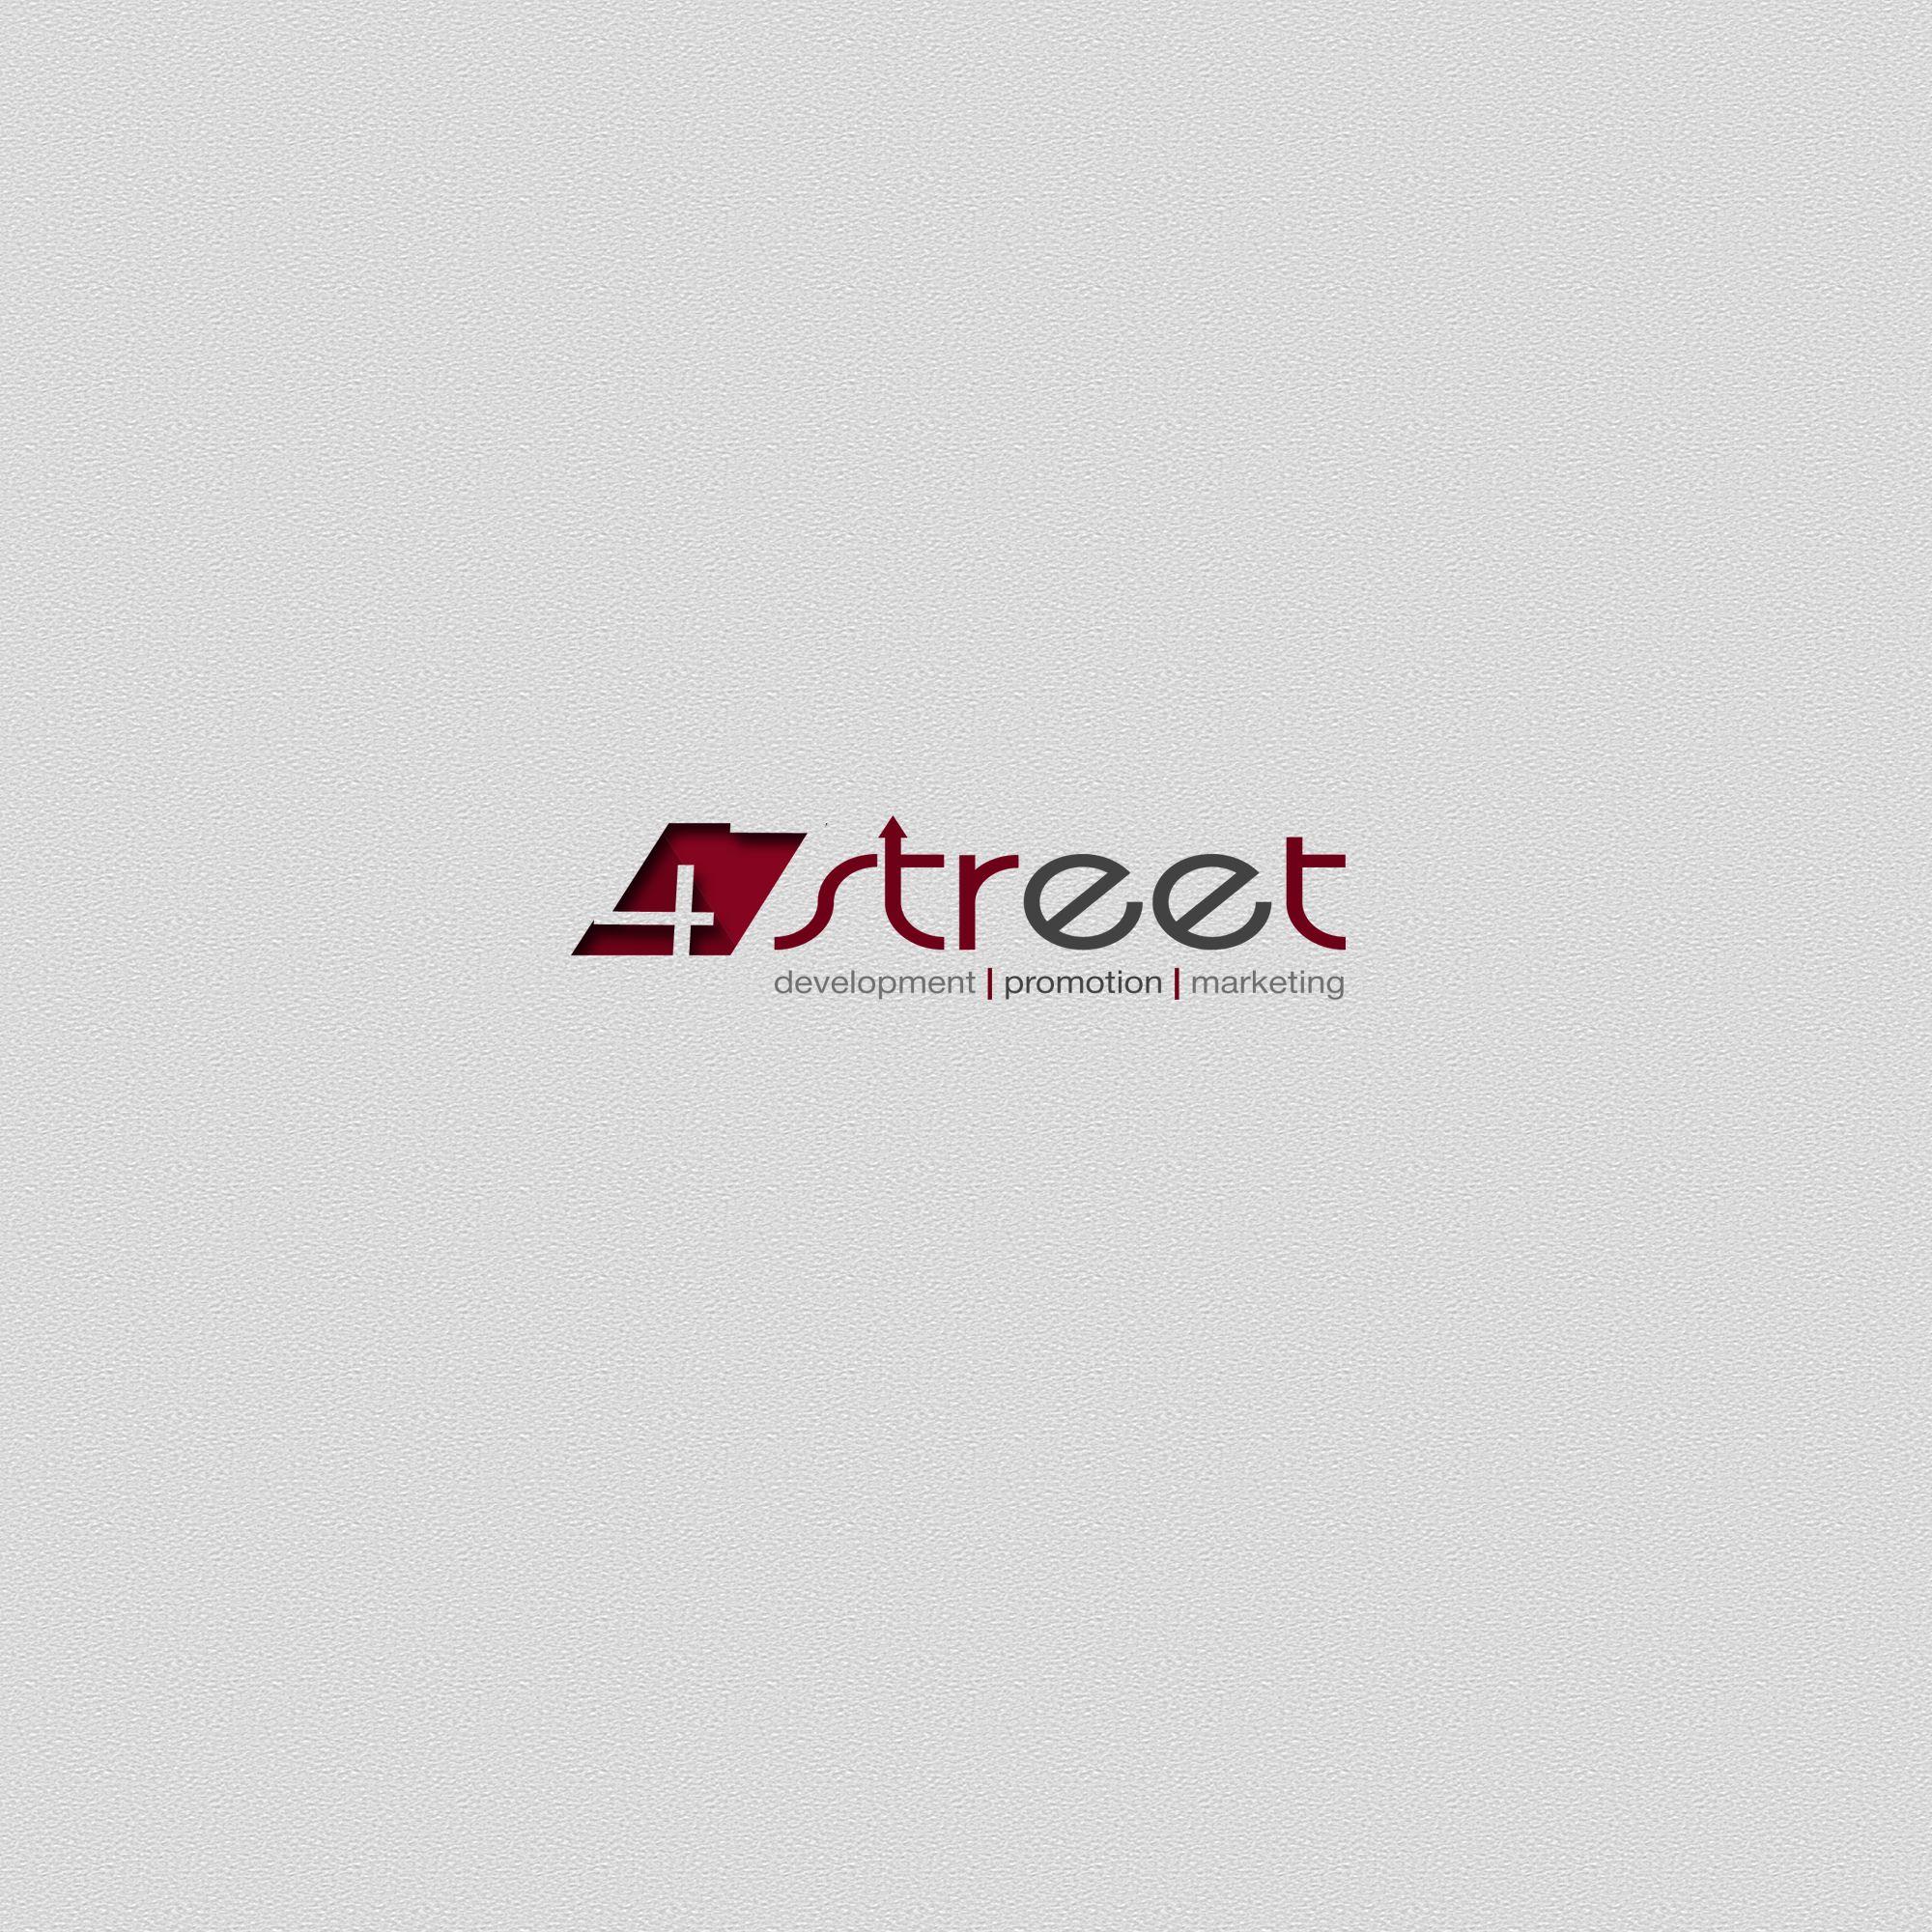 Разработка логотипа студии веб-разработки - дизайнер Kirillsh93